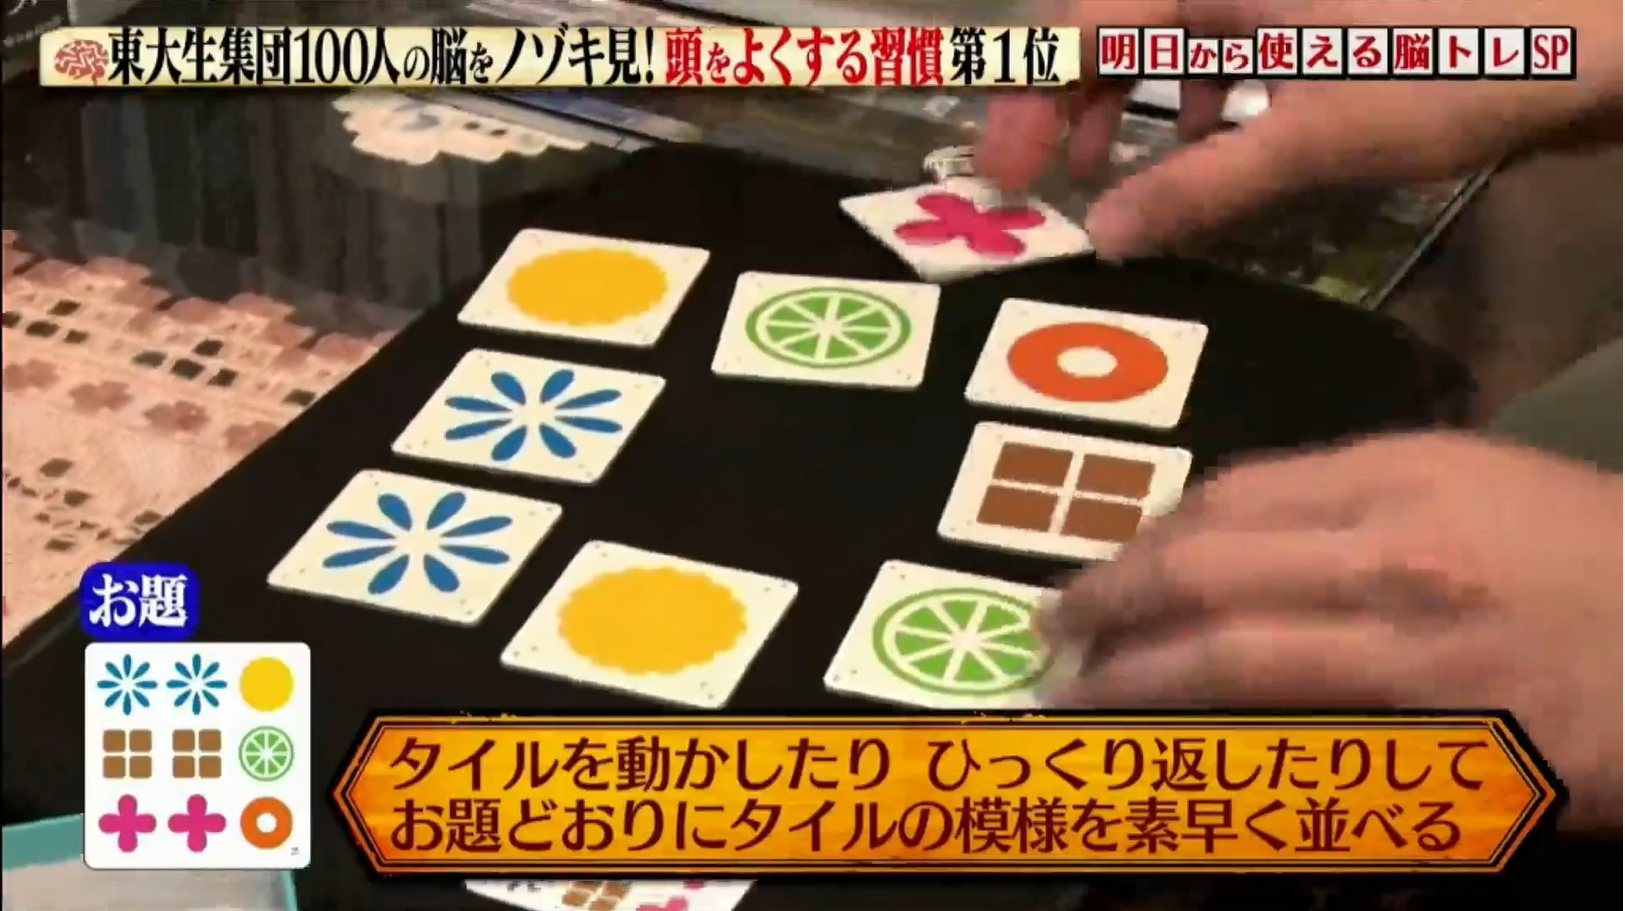 「今夜はナゾトレ」で紹介されたボードゲーム『ナインタイル』:ルール説明